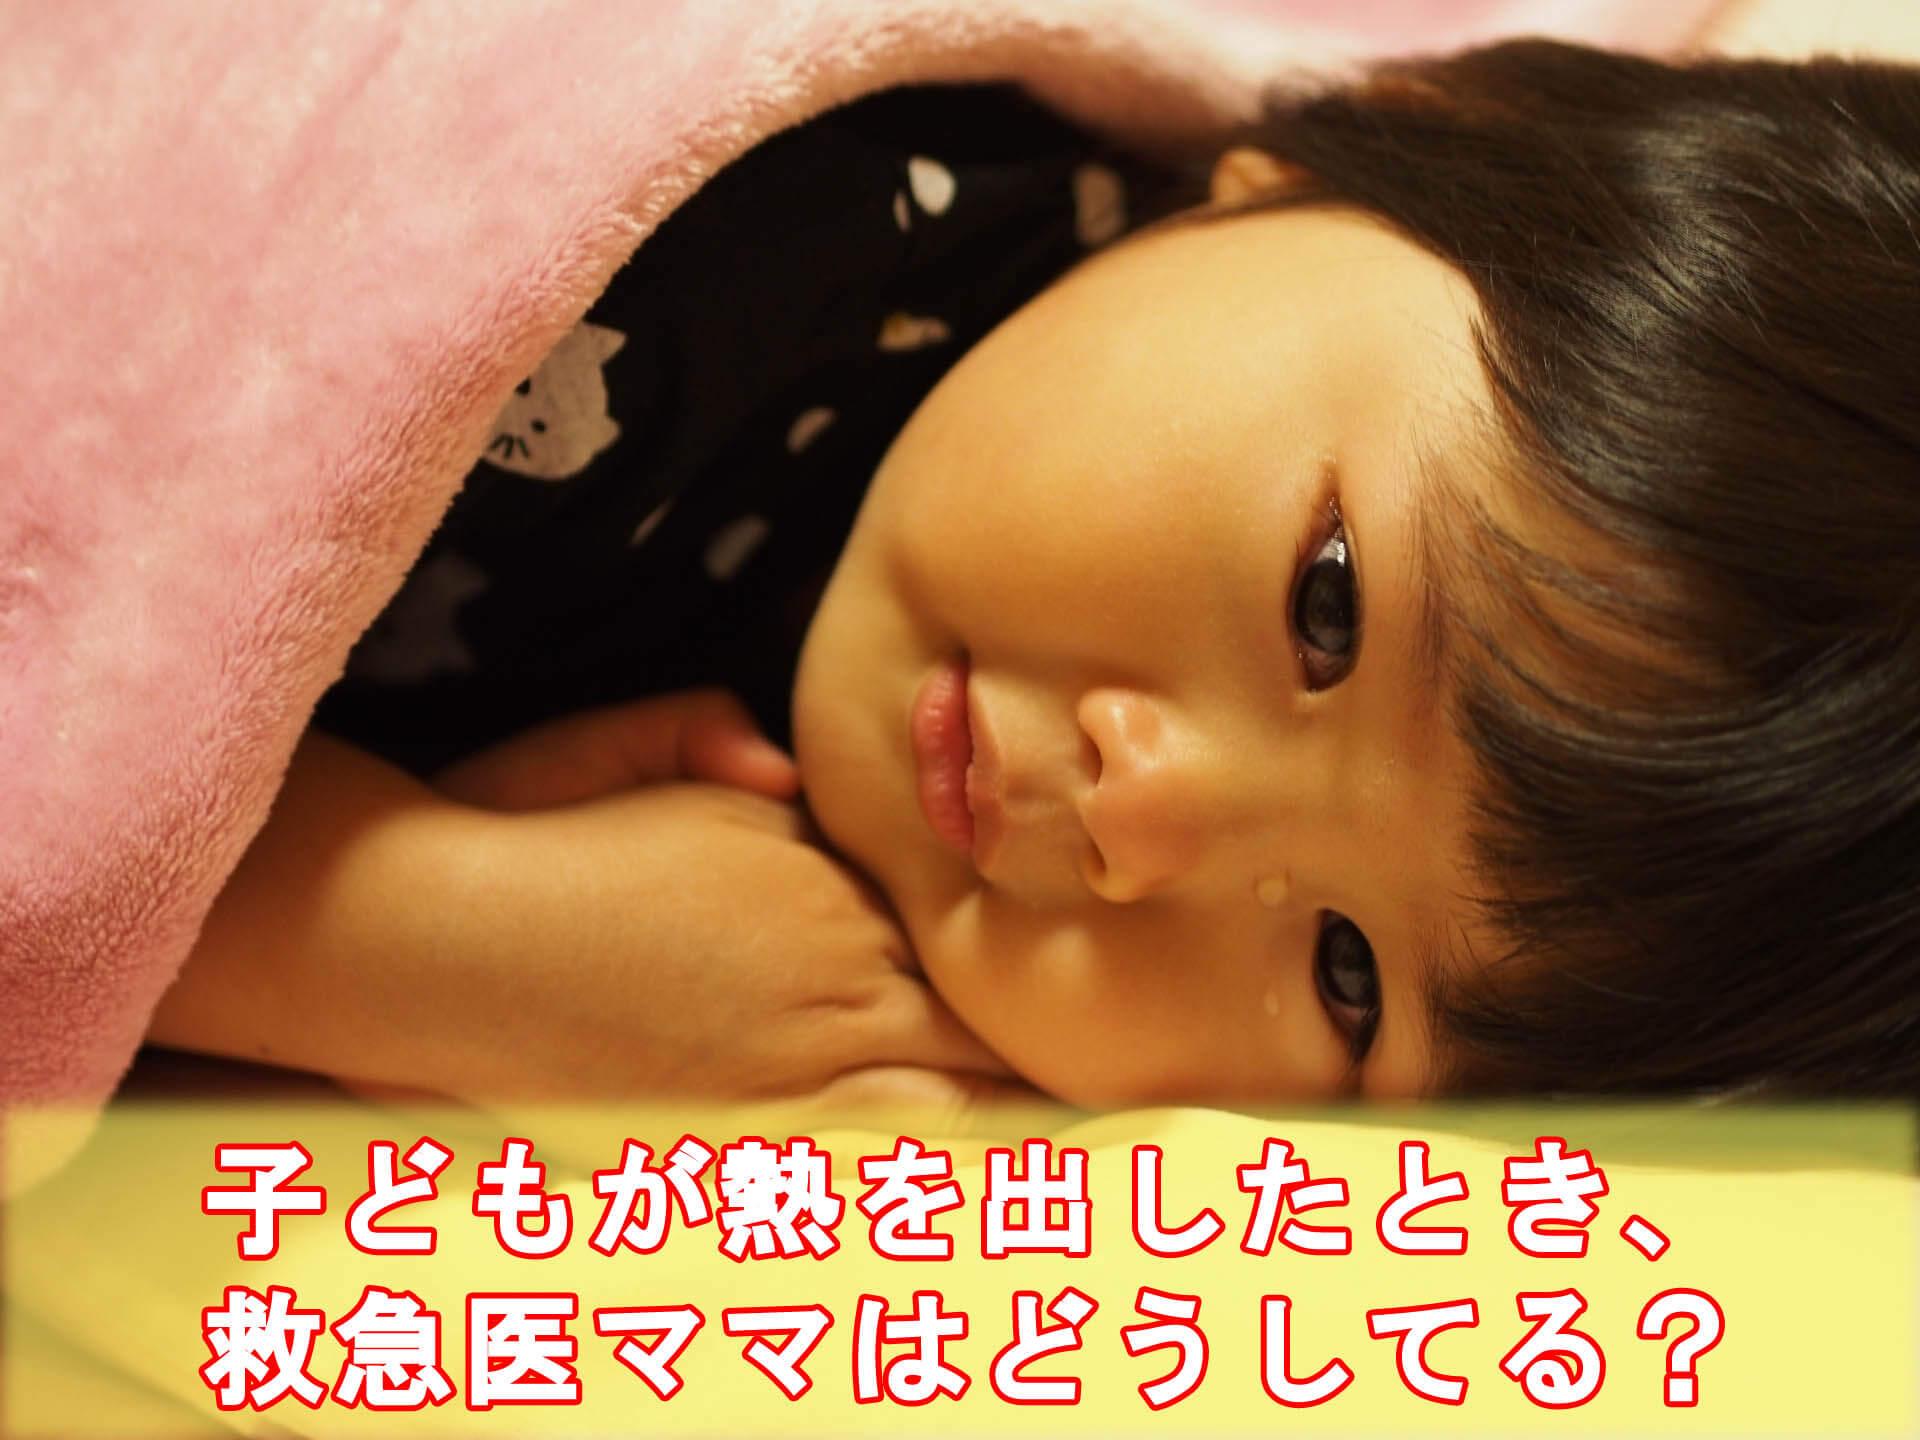 【医師が教える】赤ちゃんが熱を出した!受診の目安と家庭での注意点